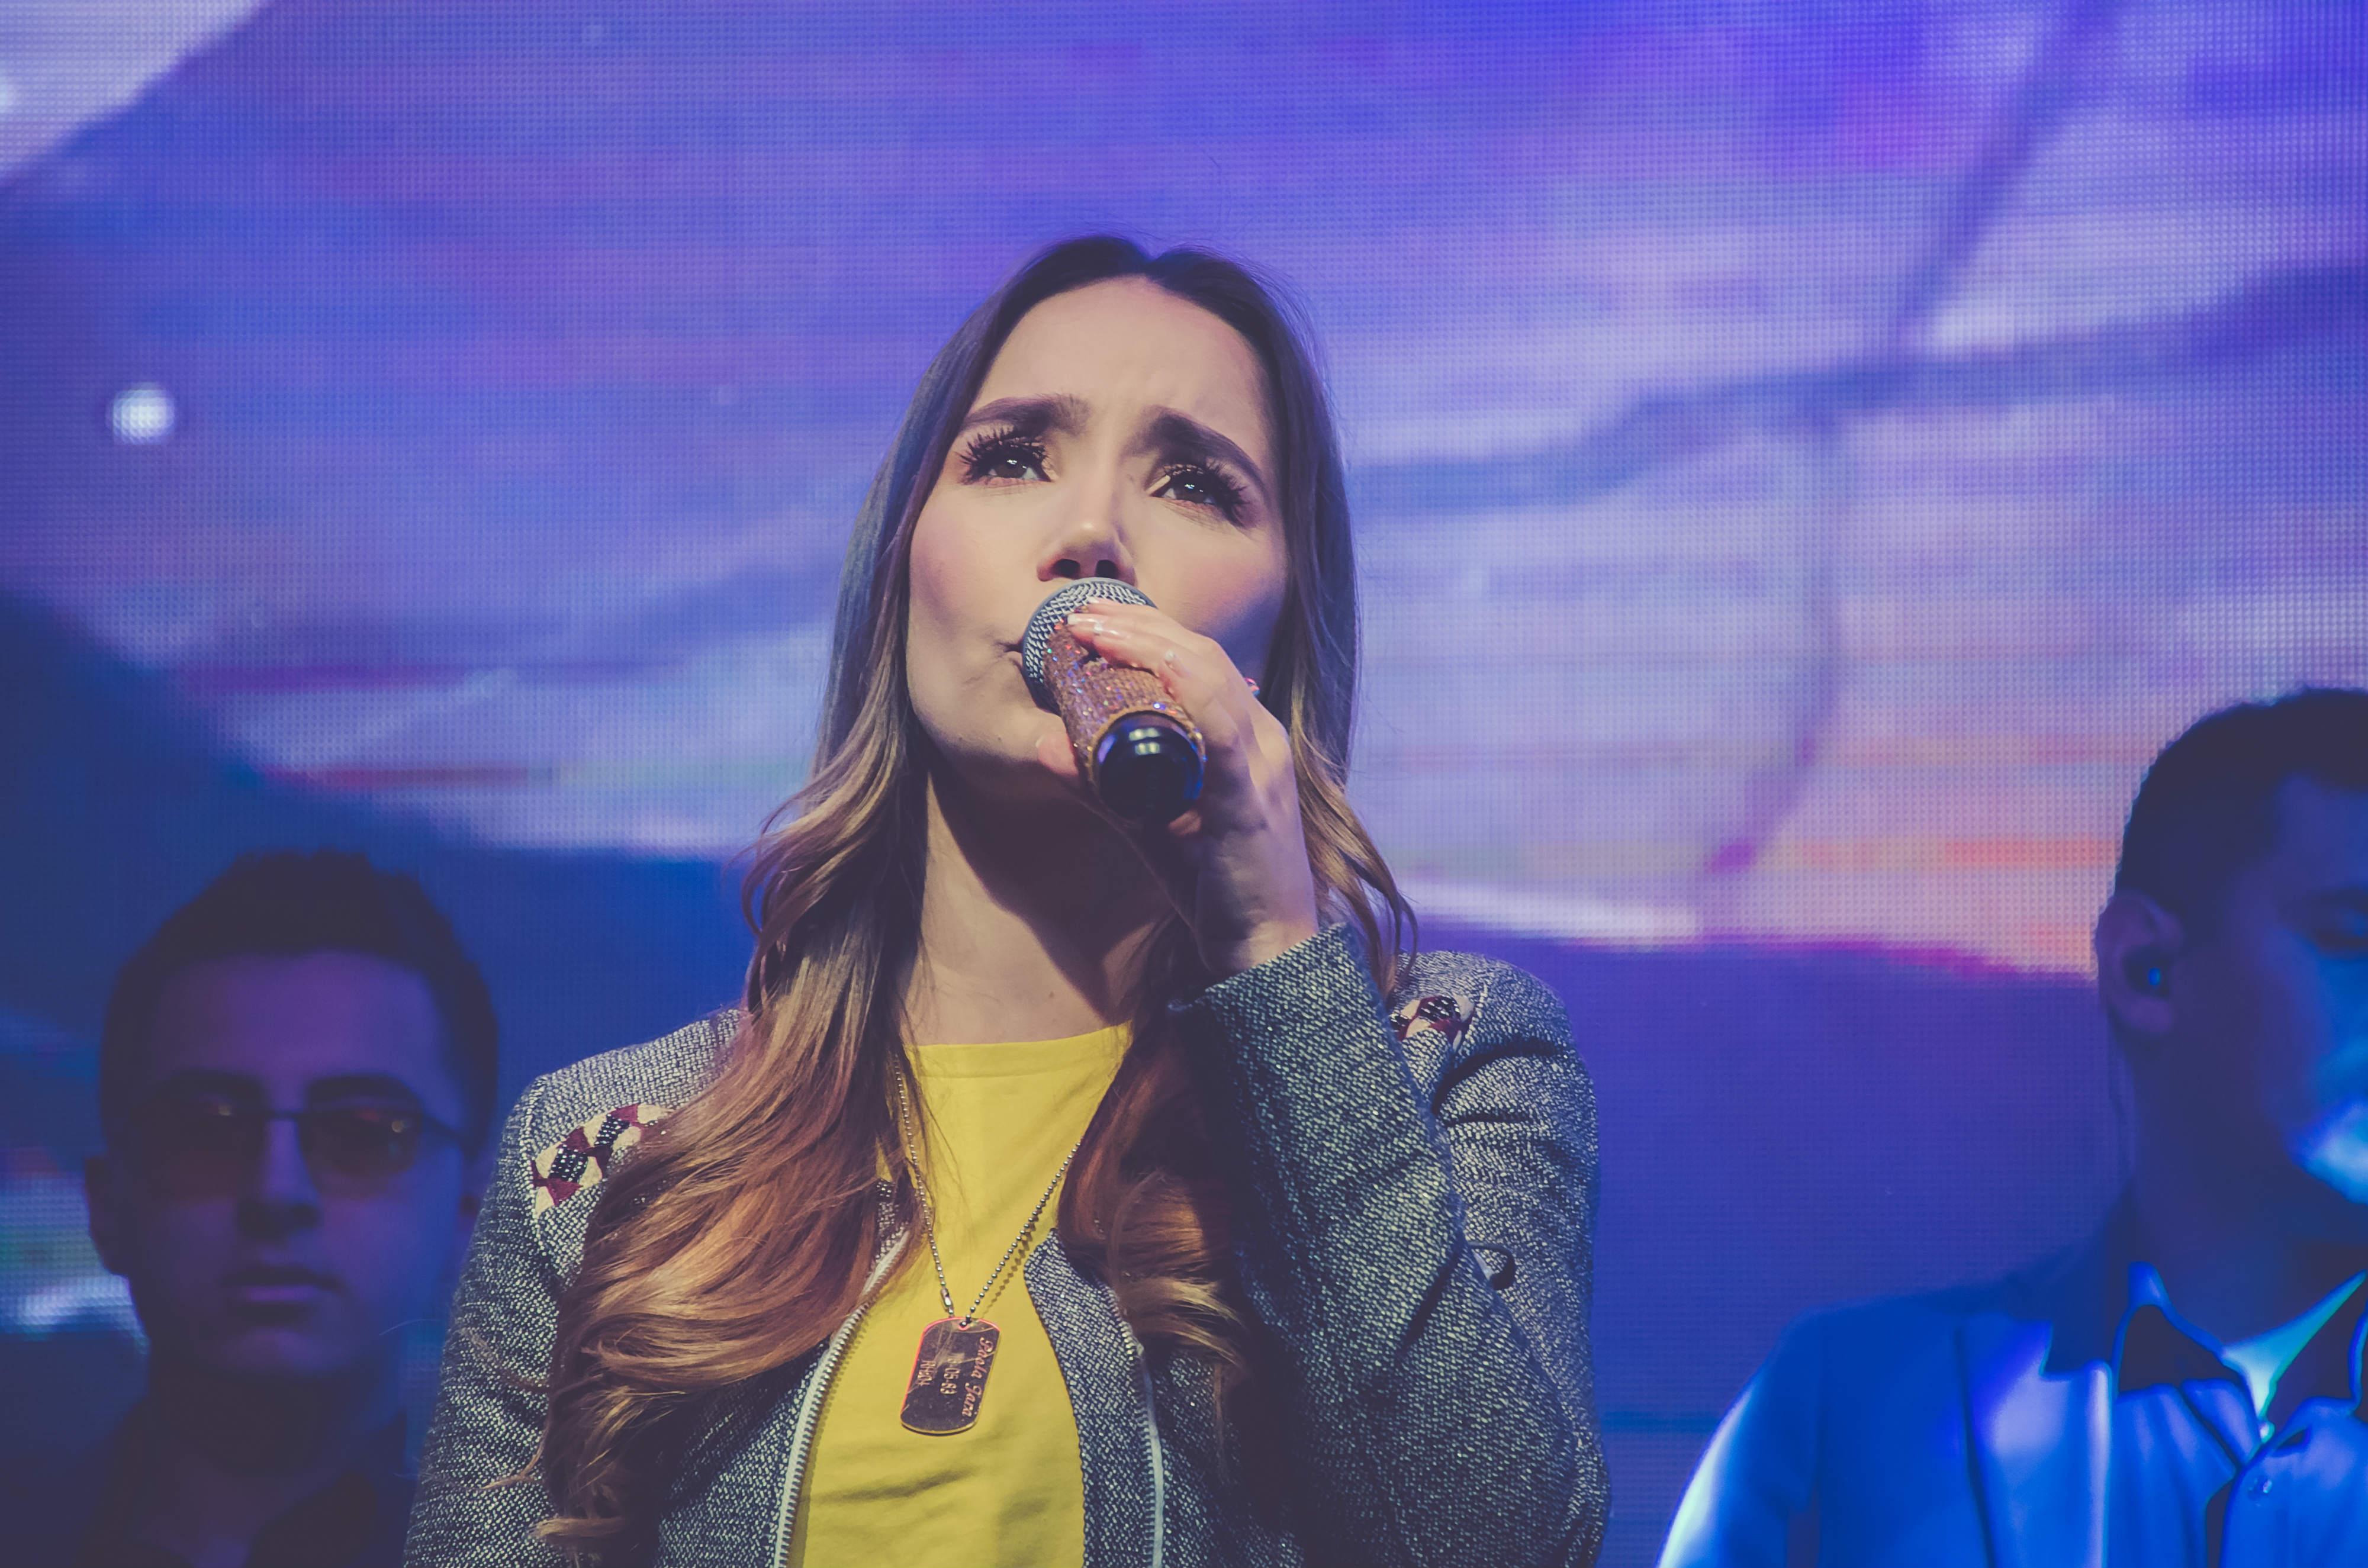 ¿Paola Jara vive en 'despecho eterno'? Conoce en quién están inspiradas sus canciones